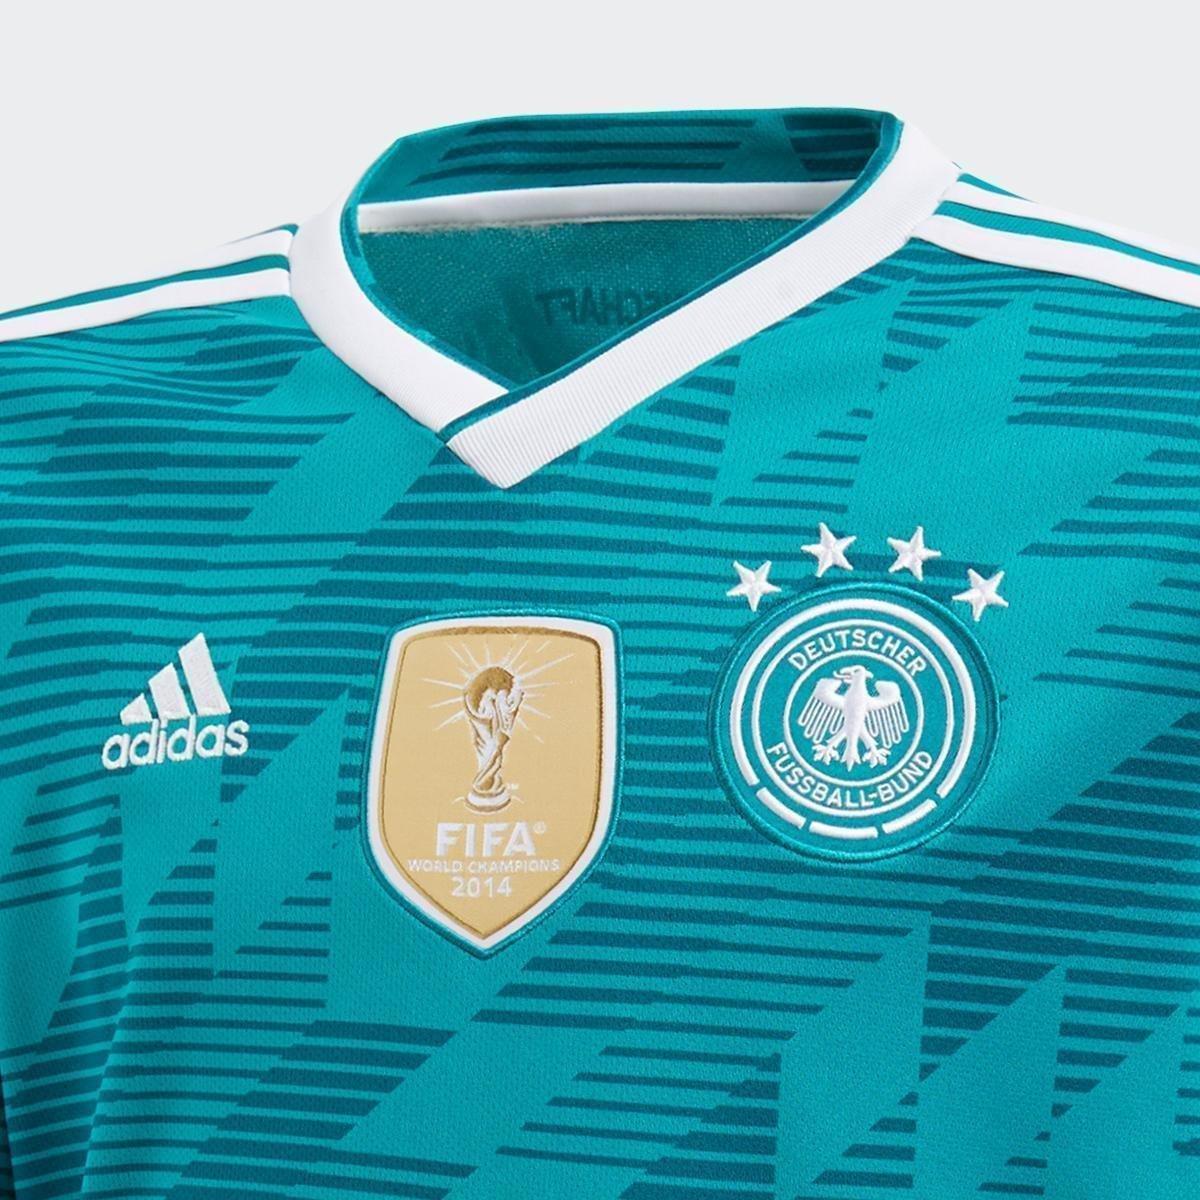 b0a644c0c6 ... Camisa Seleção Alemanha Infantil Away 18 19 s n° Torcedor Adidas ...